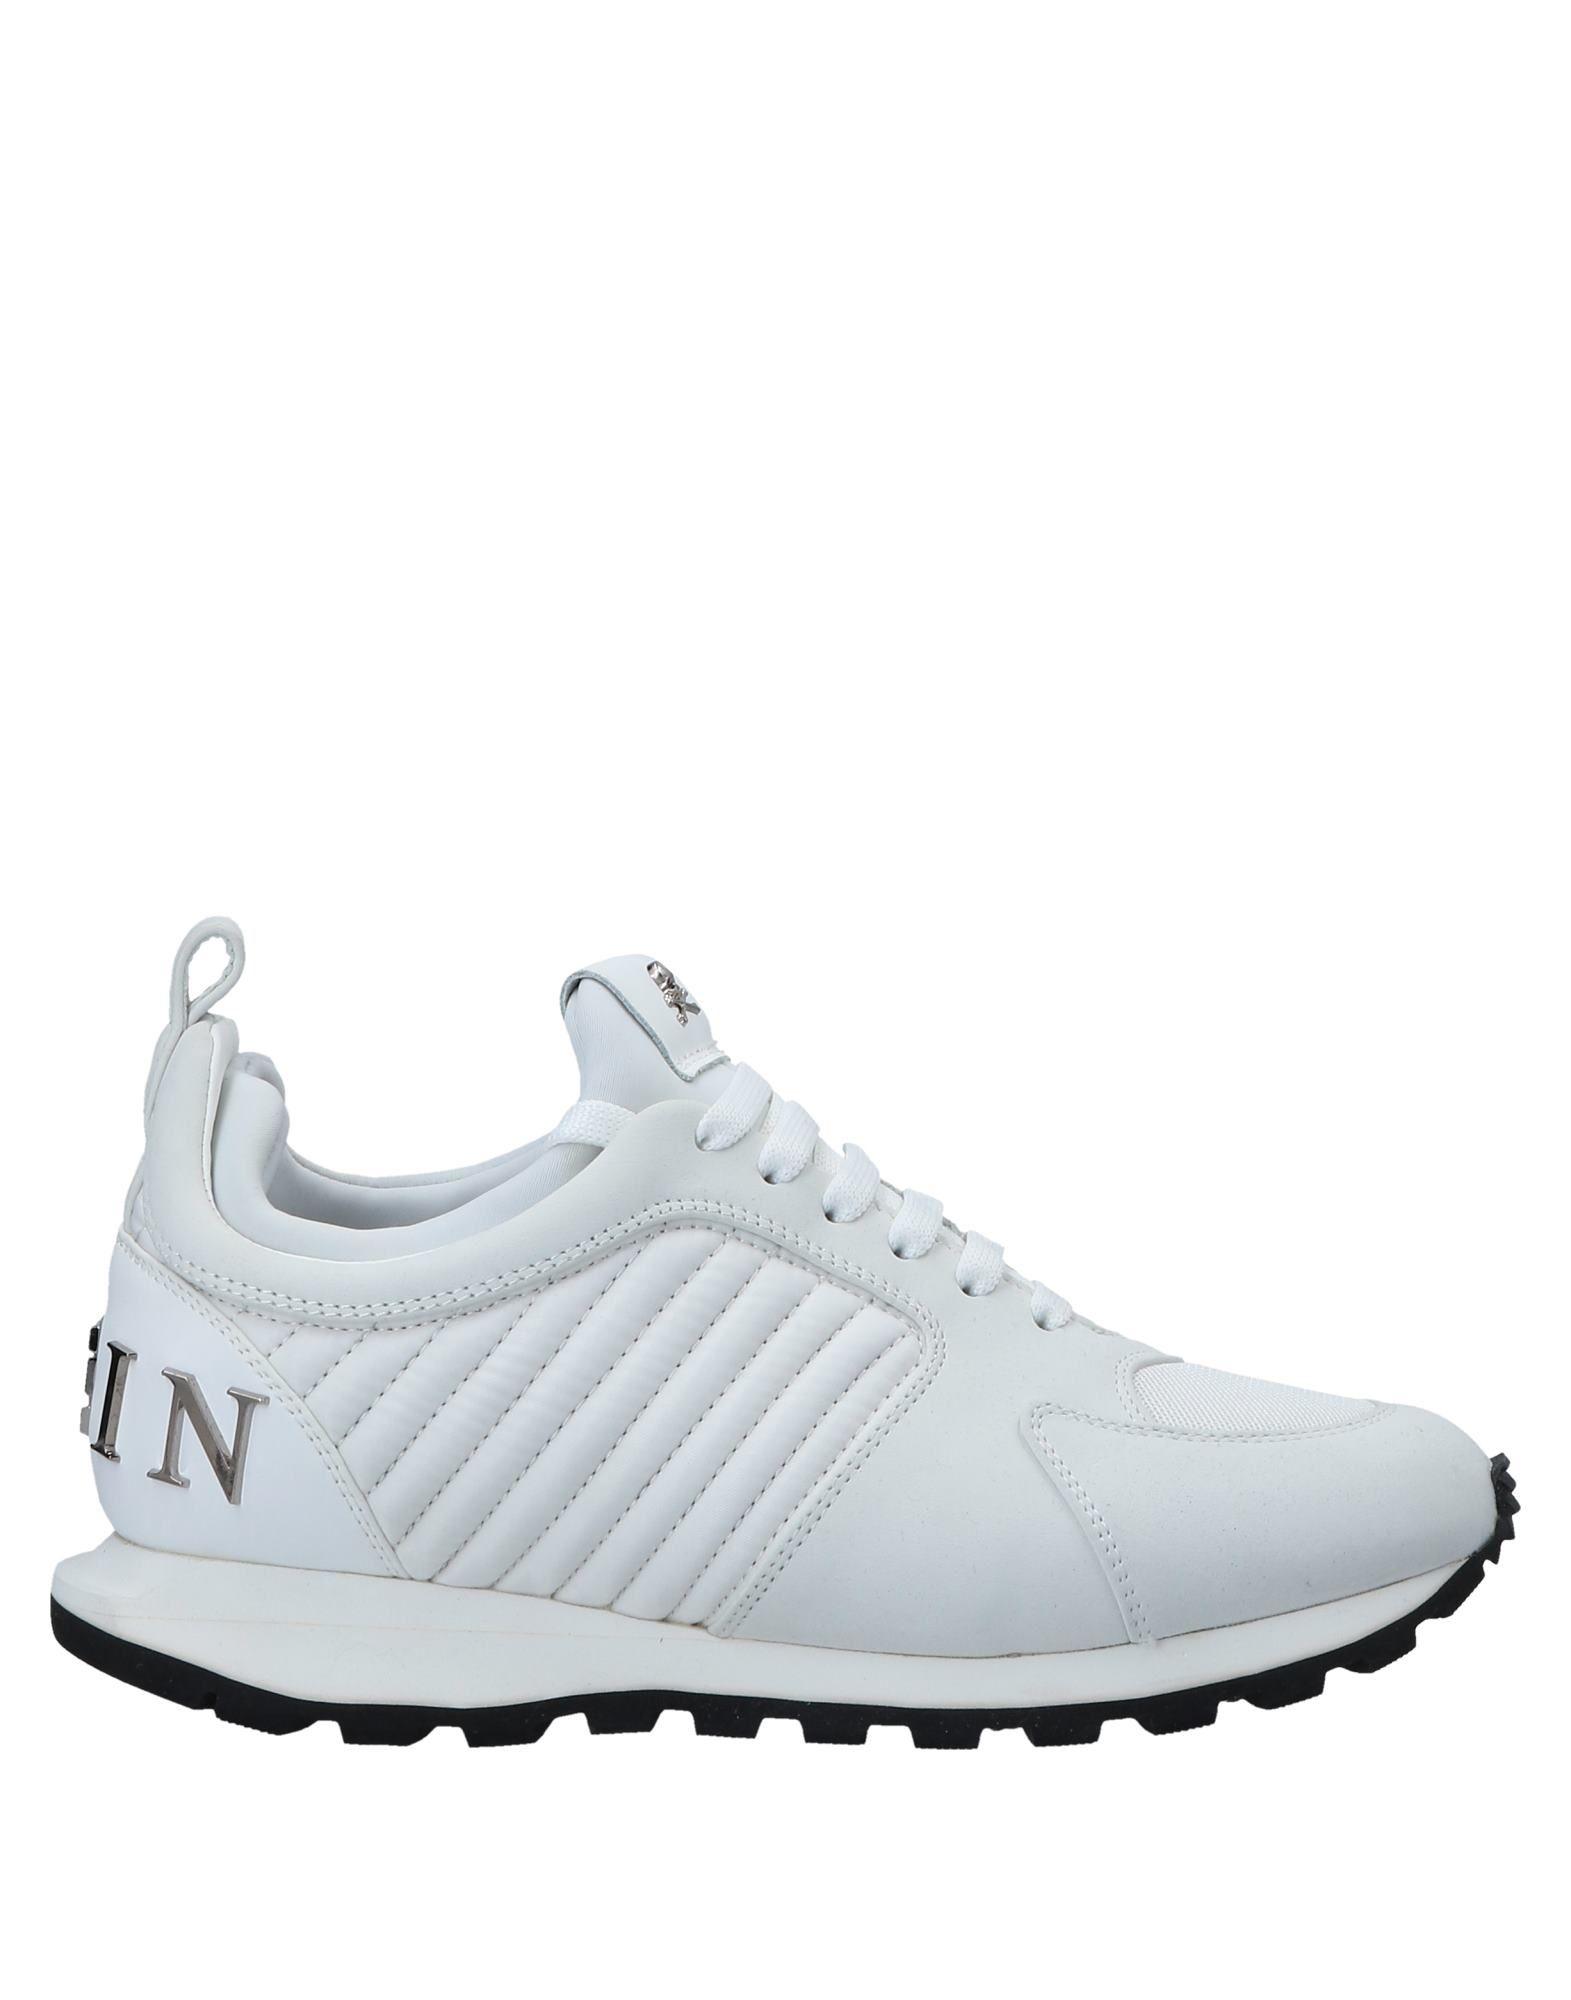 Philipp Plein Sneakers Herren  11460027HT Gute Qualität beliebte Schuhe